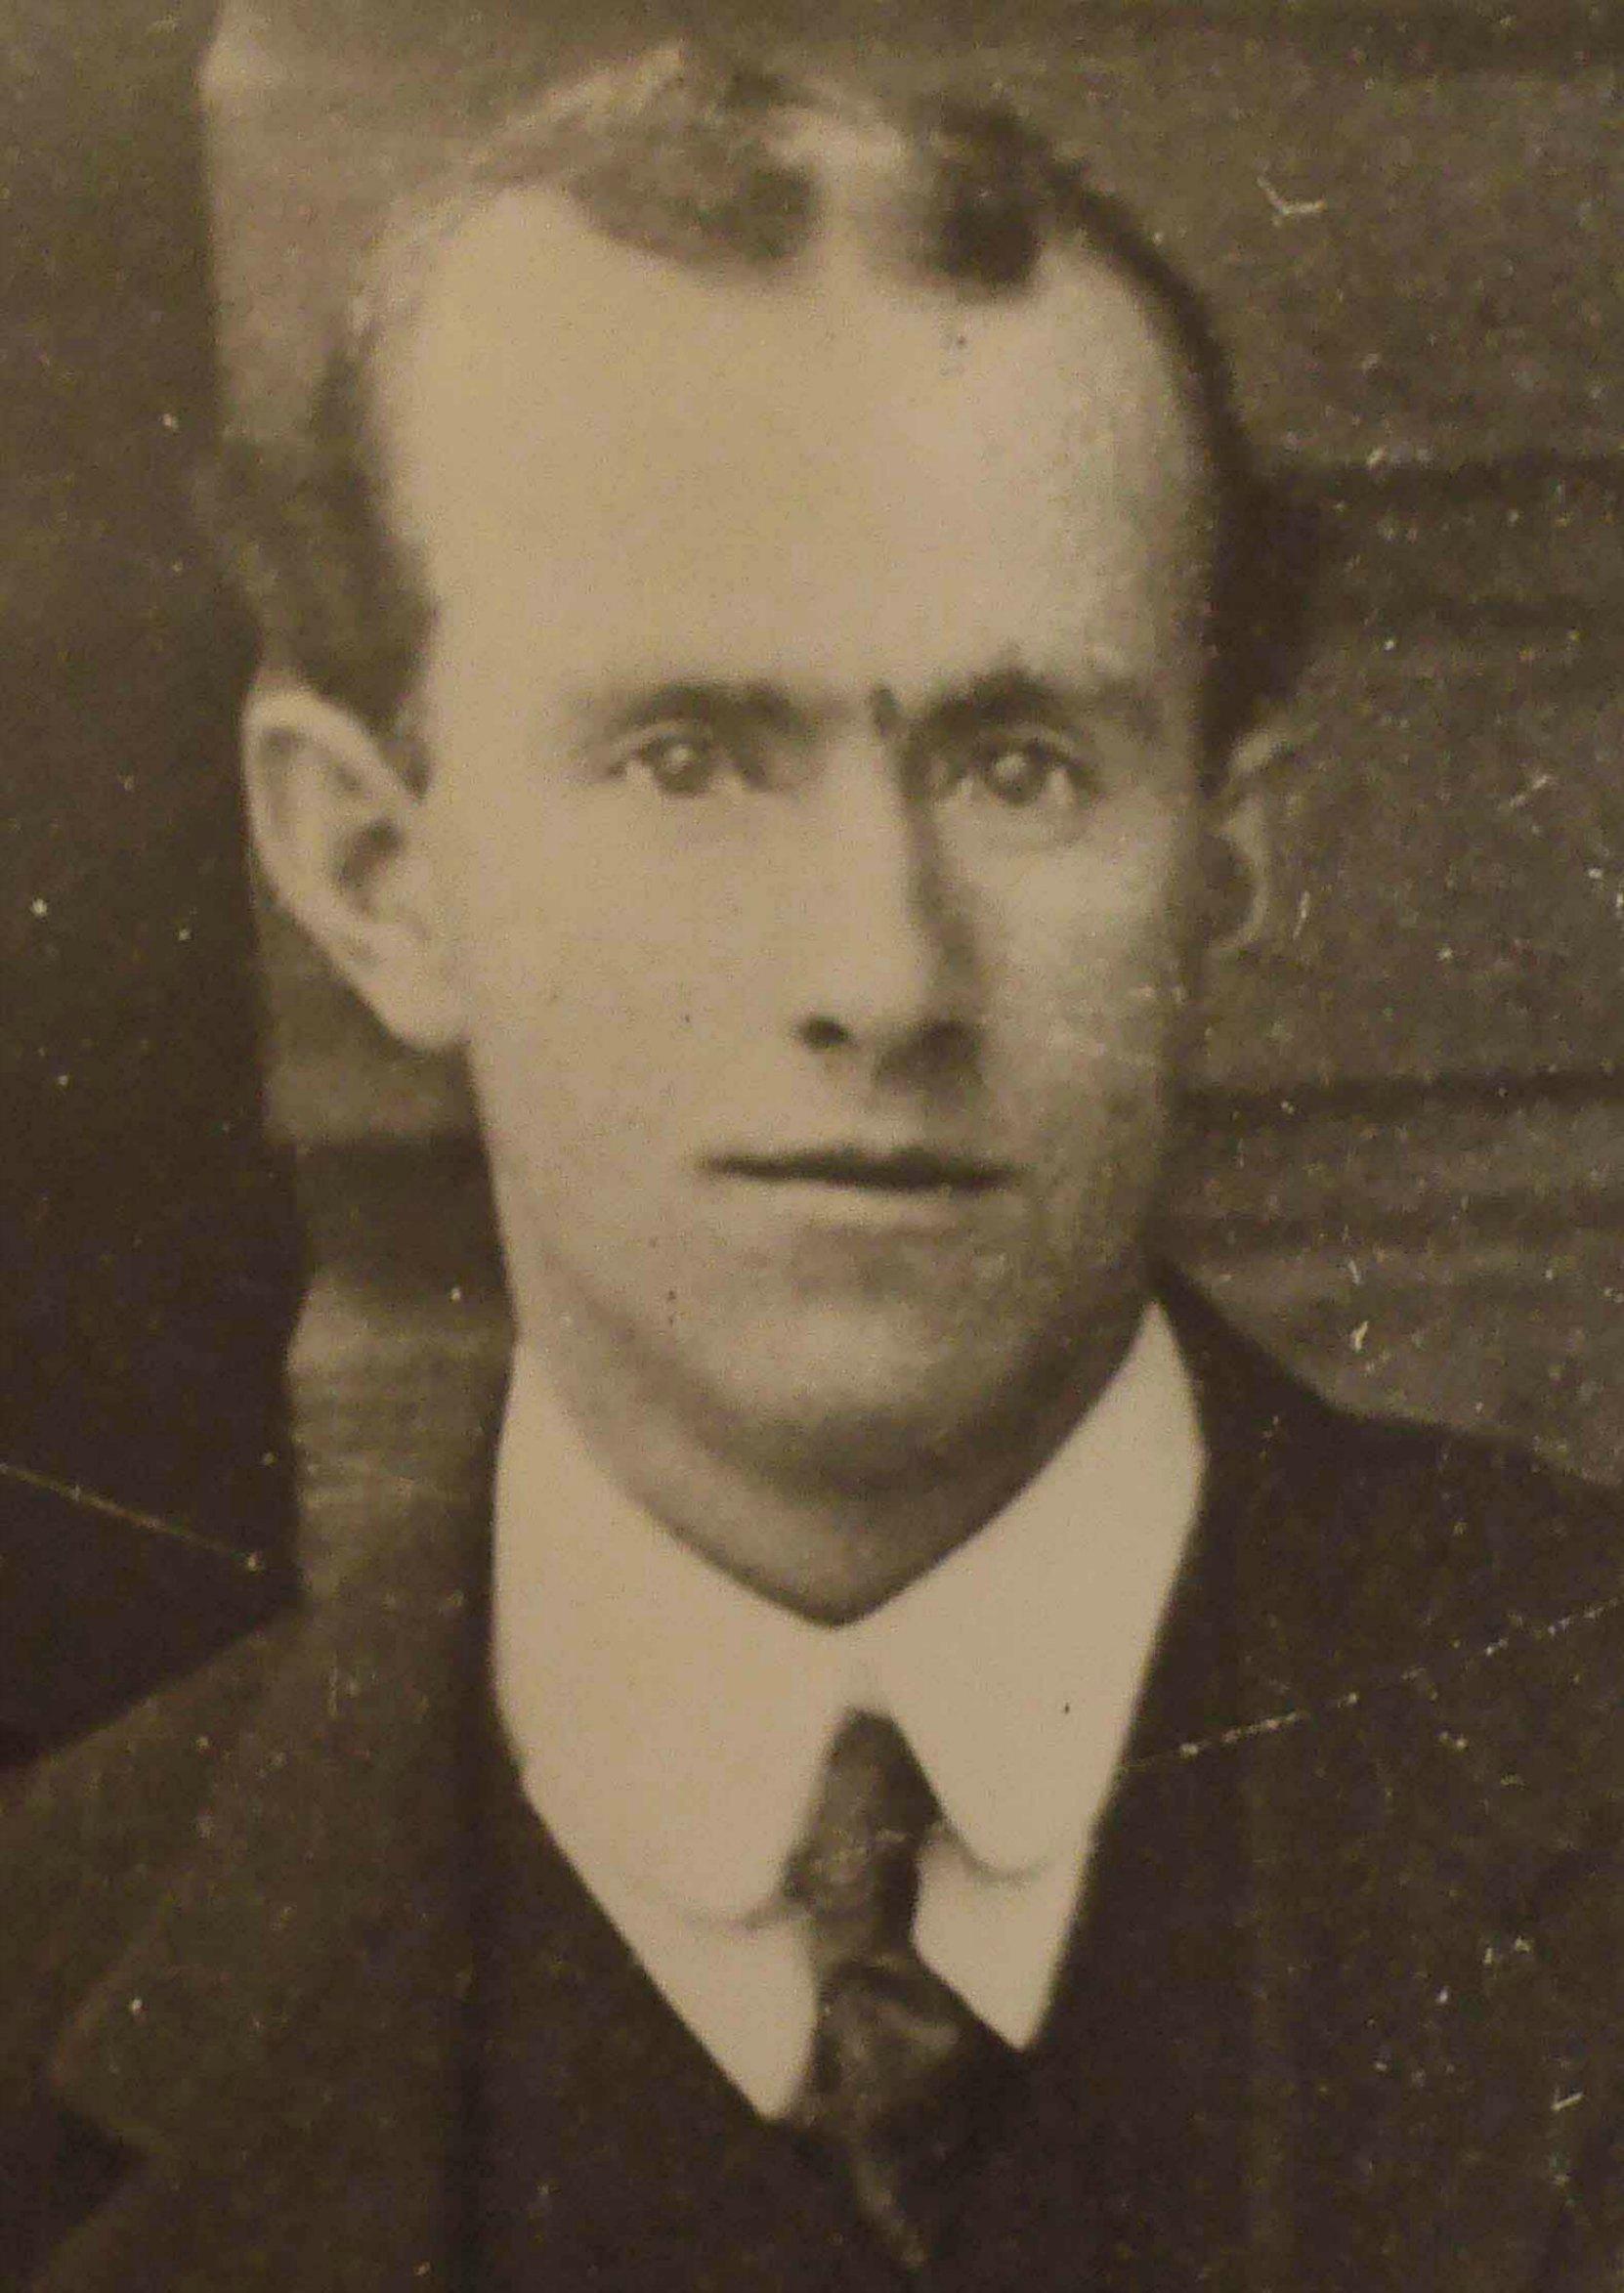 Matthias Kirkwood McMillan, circa 1916